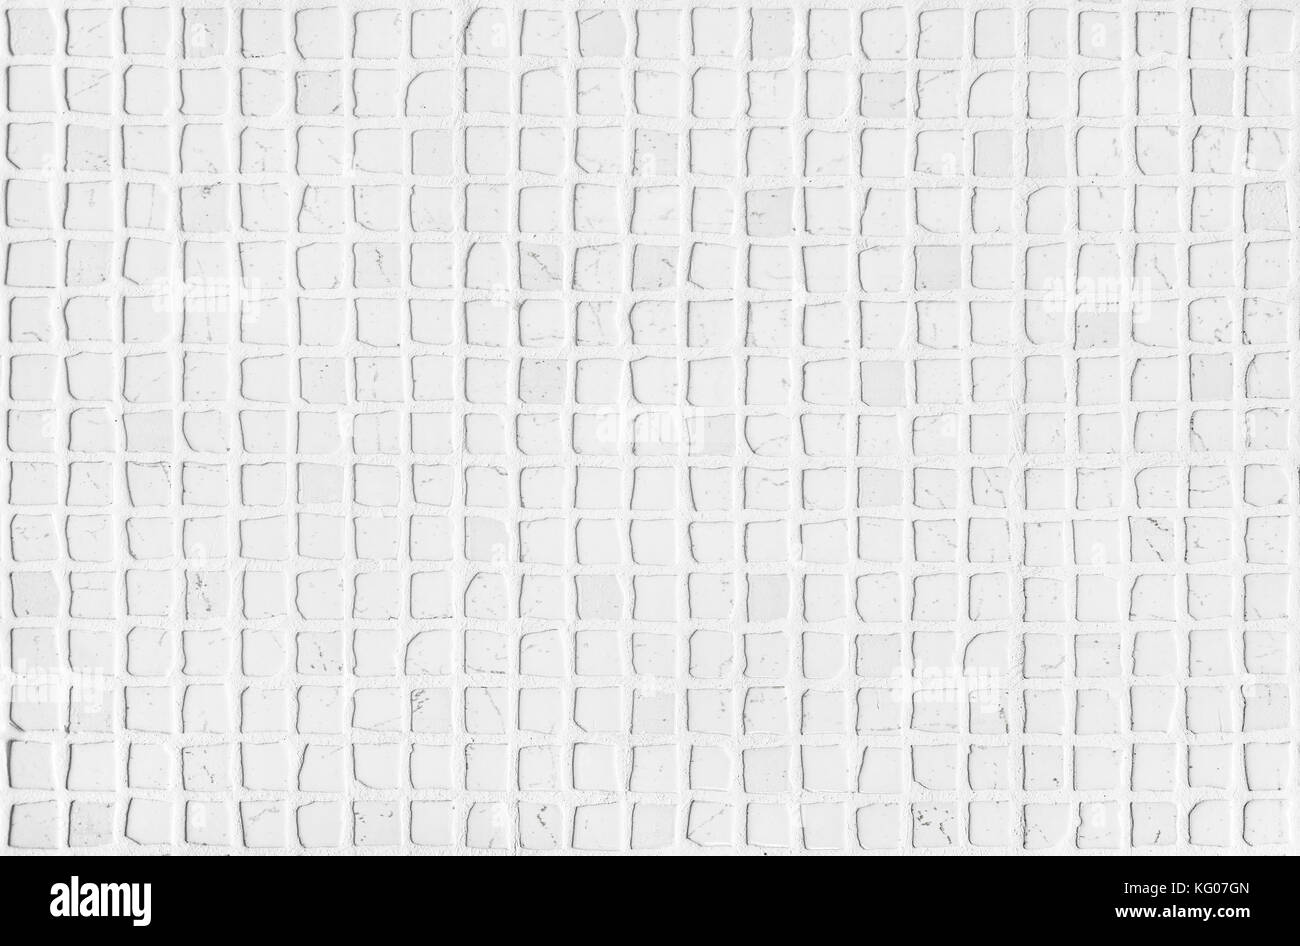 Il marmo bianco di carrara di piastrelle a mosaico di luce naturale